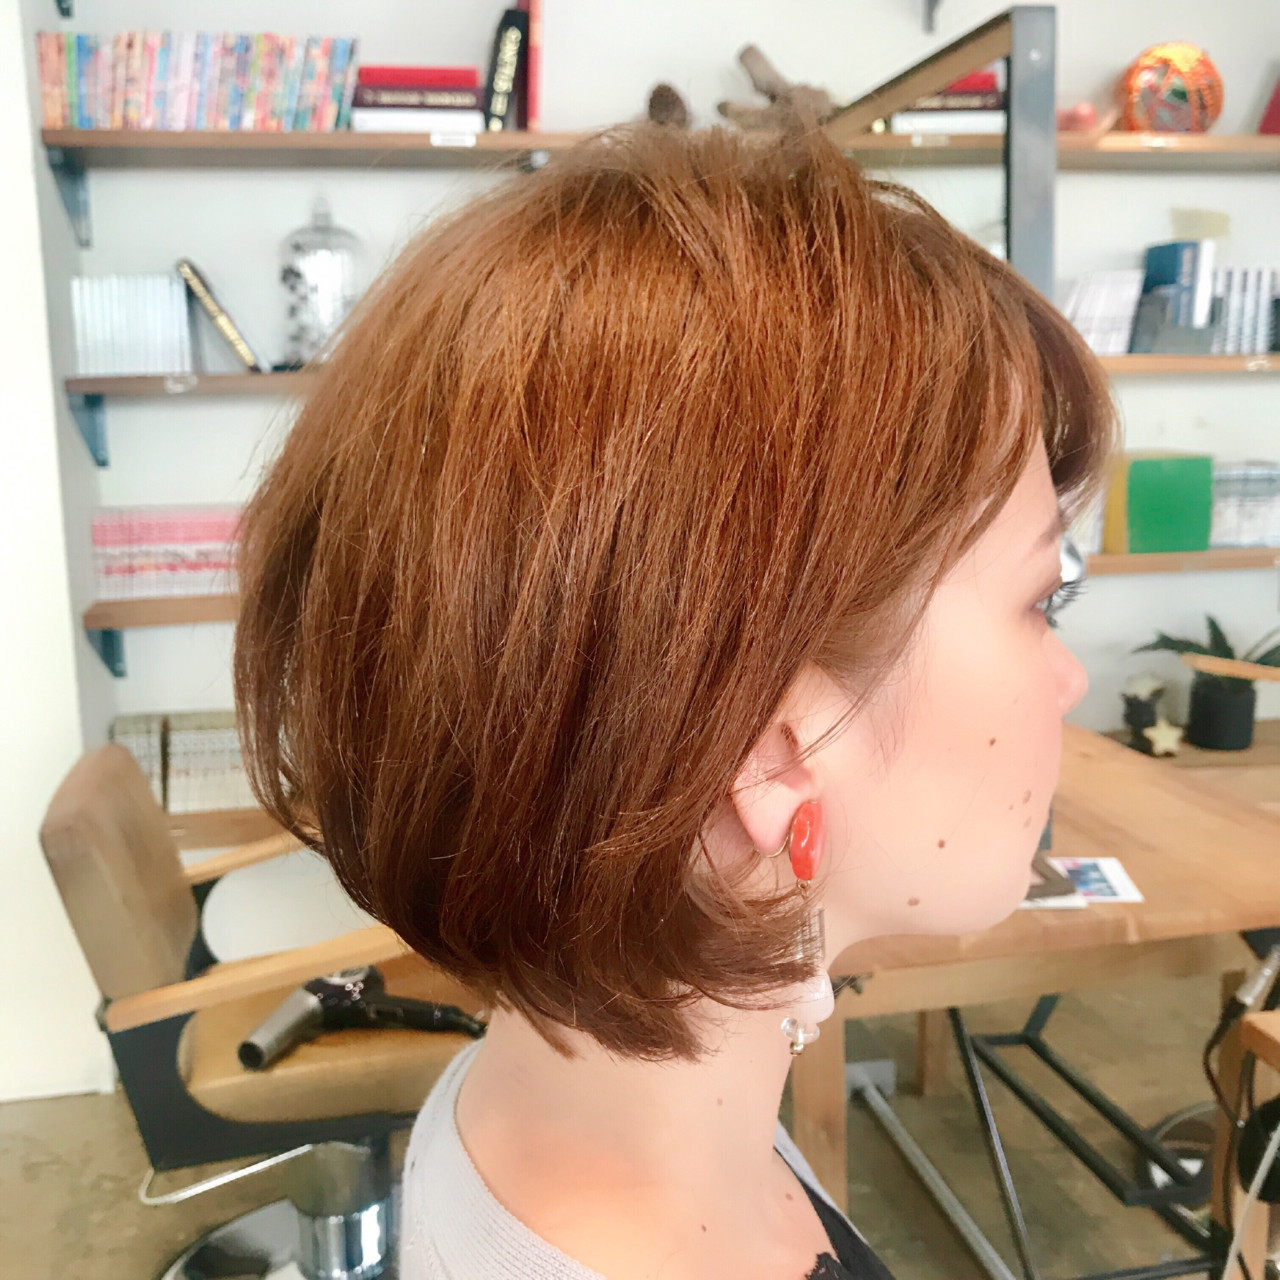 小顔 ナチュラル 秋 ショート ヘアスタイルや髪型の写真・画像